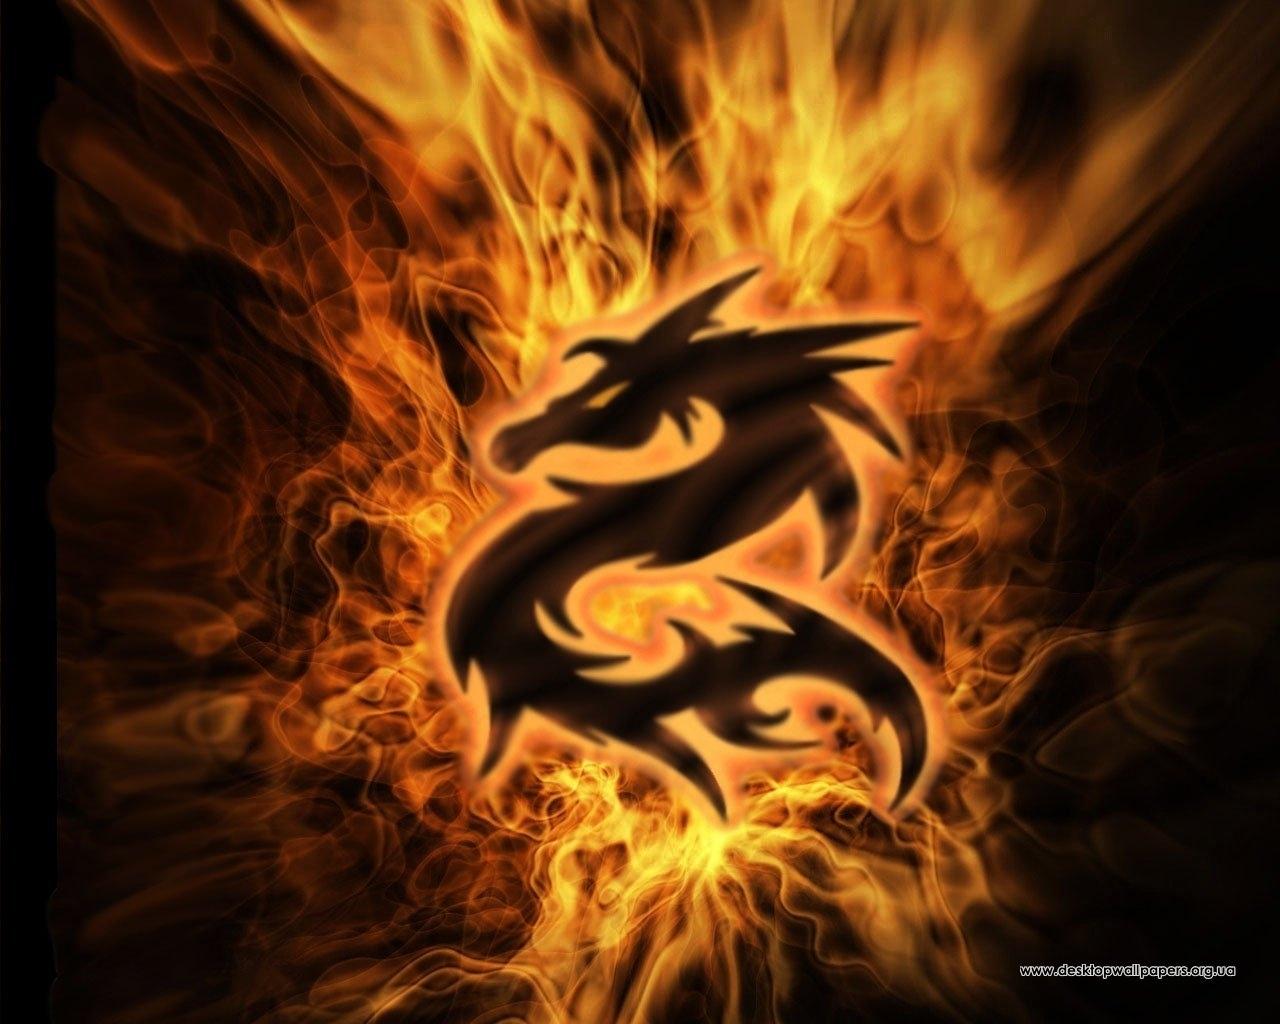 7782 Hintergrundbild herunterladen Hintergrund, Logos, Dragons, Feuer - Bildschirmschoner und Bilder kostenlos